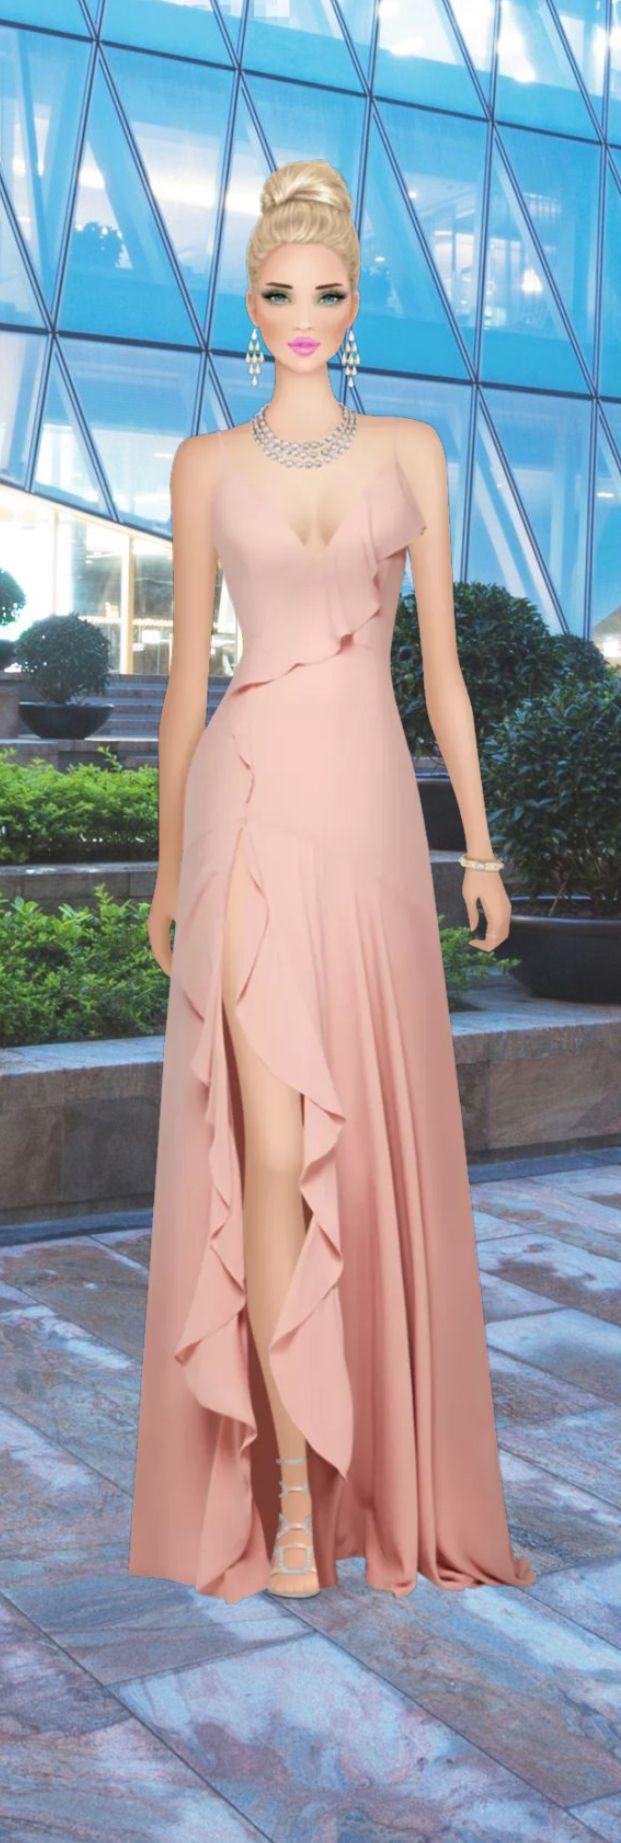 Pin de Helena Cristina en roupas | Pinterest | Vestiditos, Moda ...